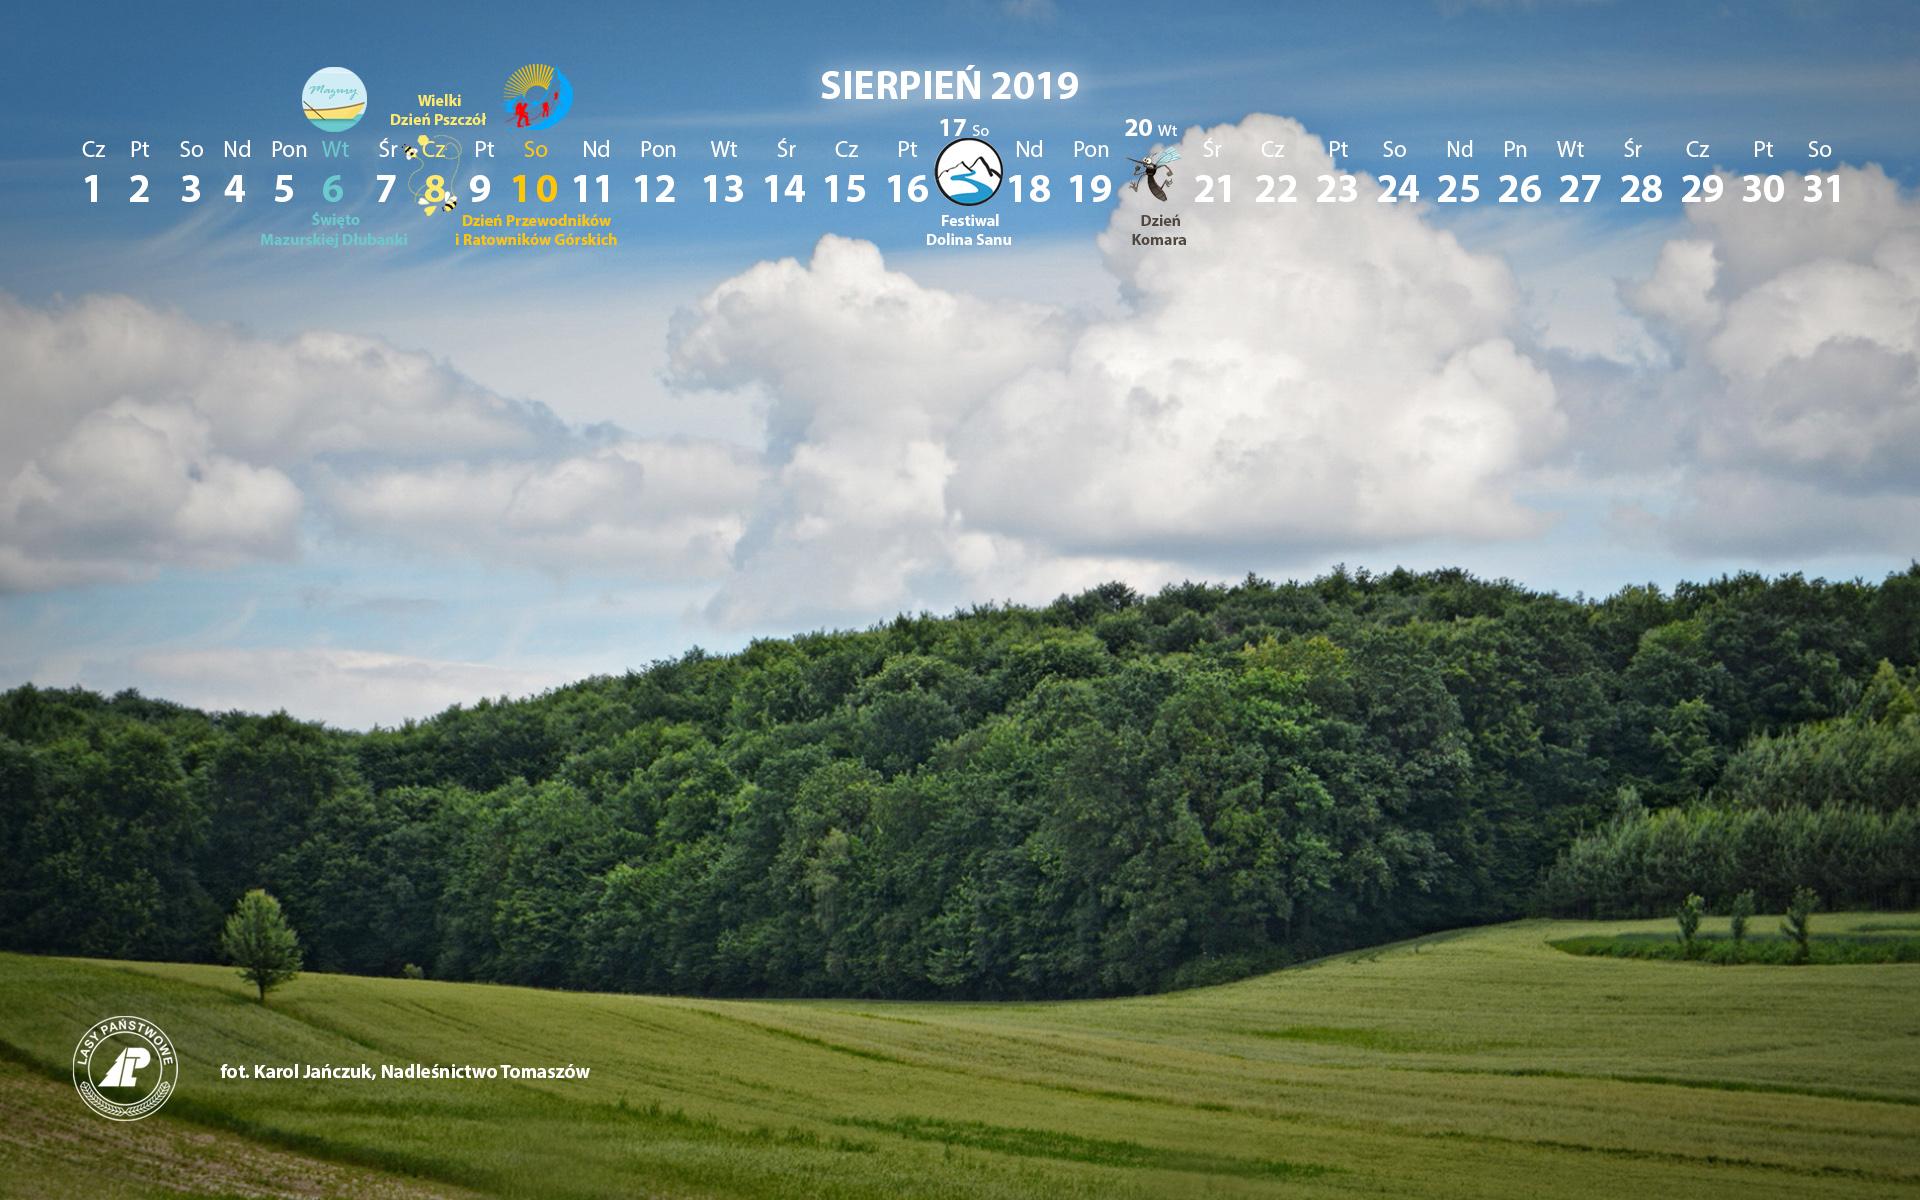 Kalendarz_sierpień_2019_1920x1200[1].jpg